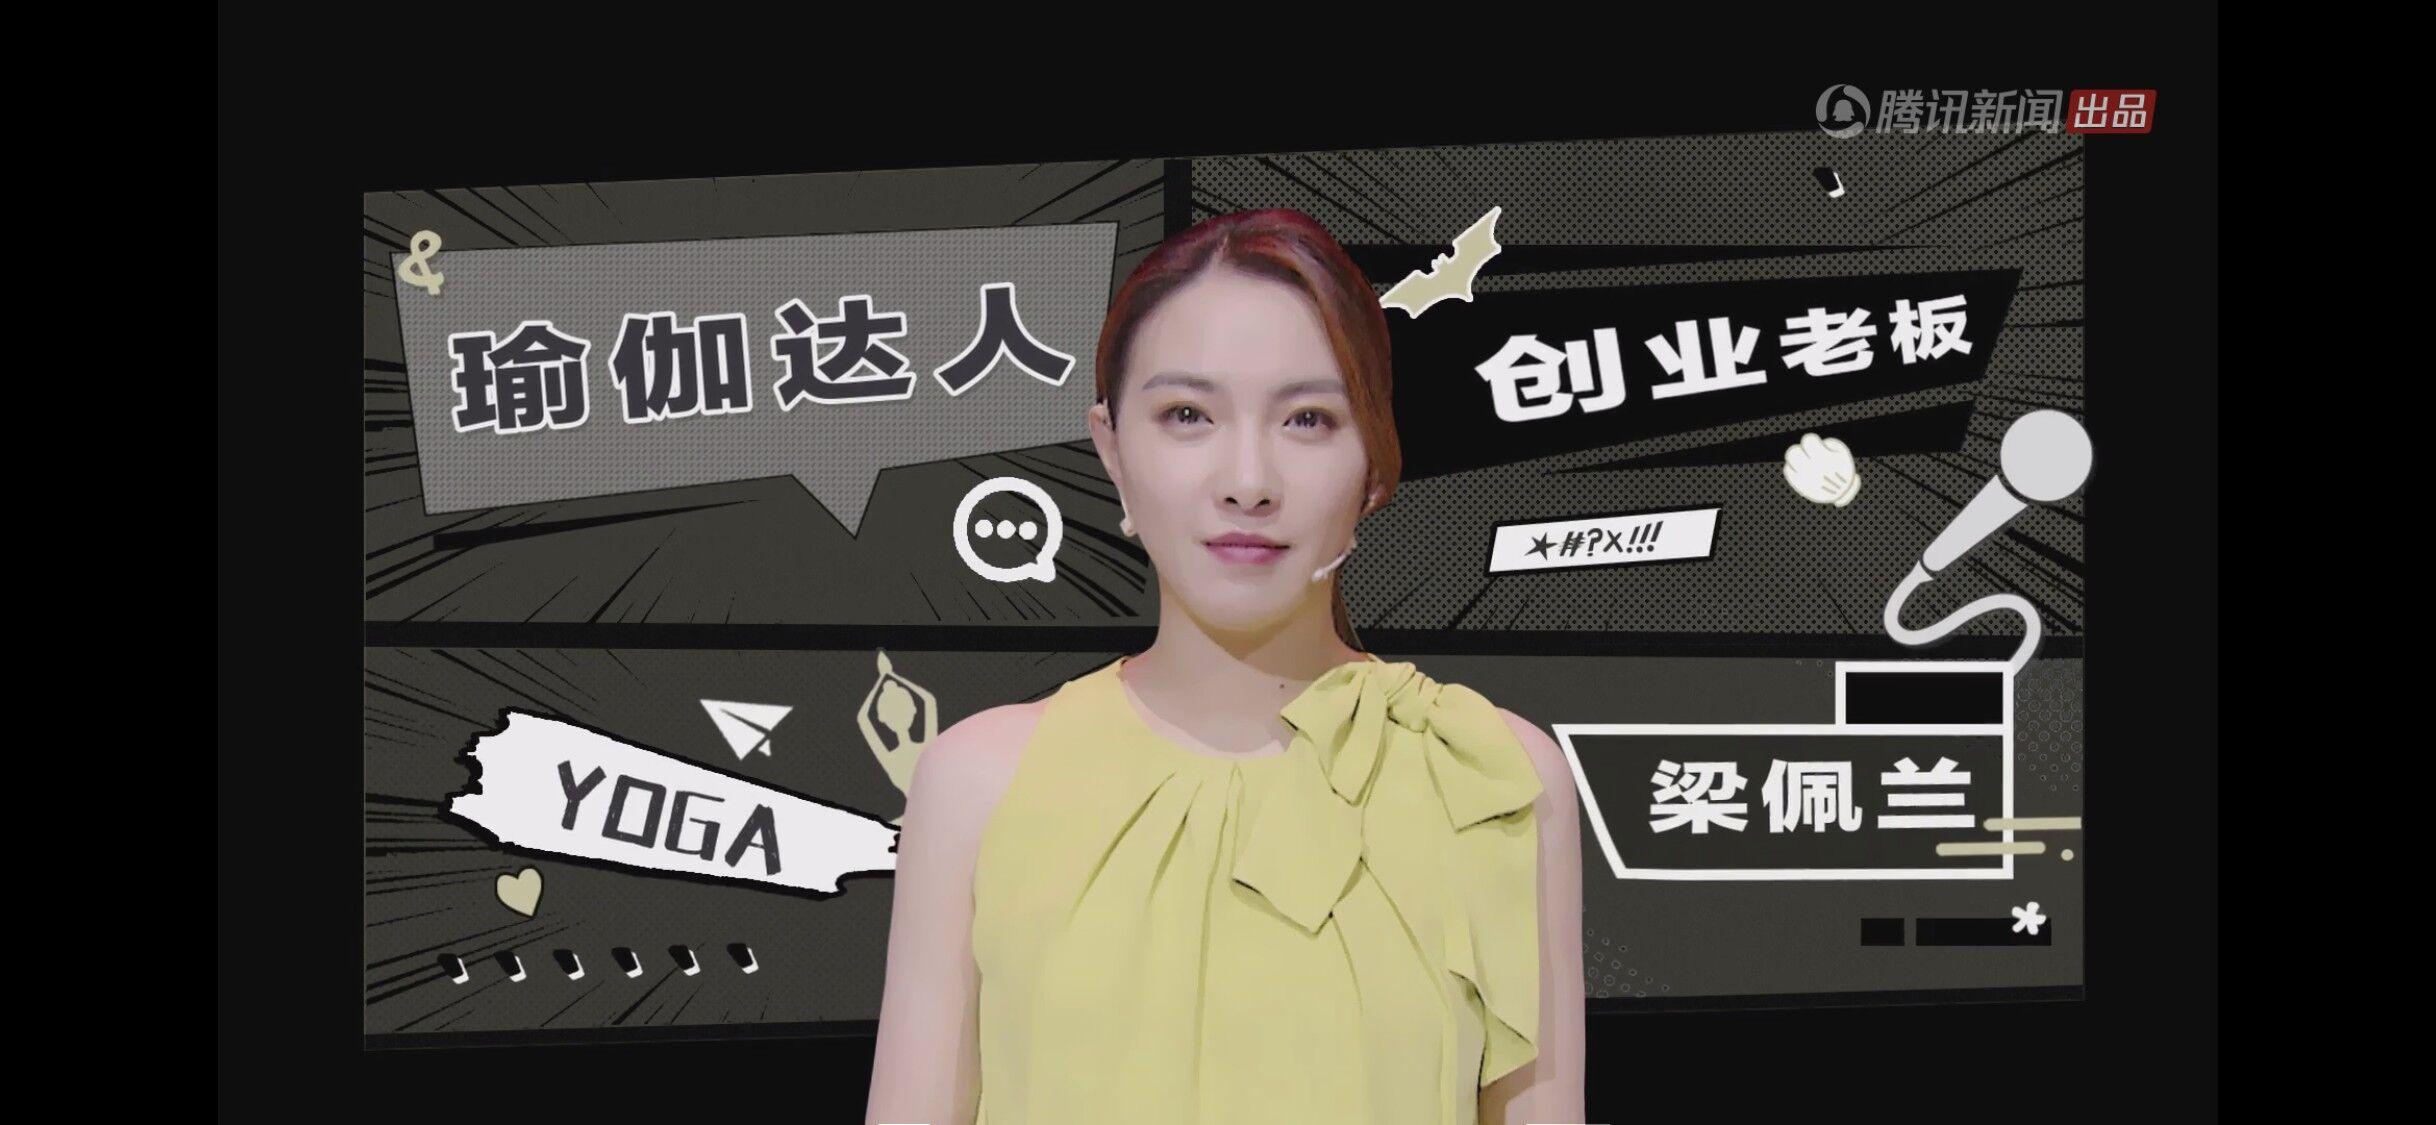 """梁佩兰《超级演说家》上线 铁娘子版""""狐狸精""""来袭"""